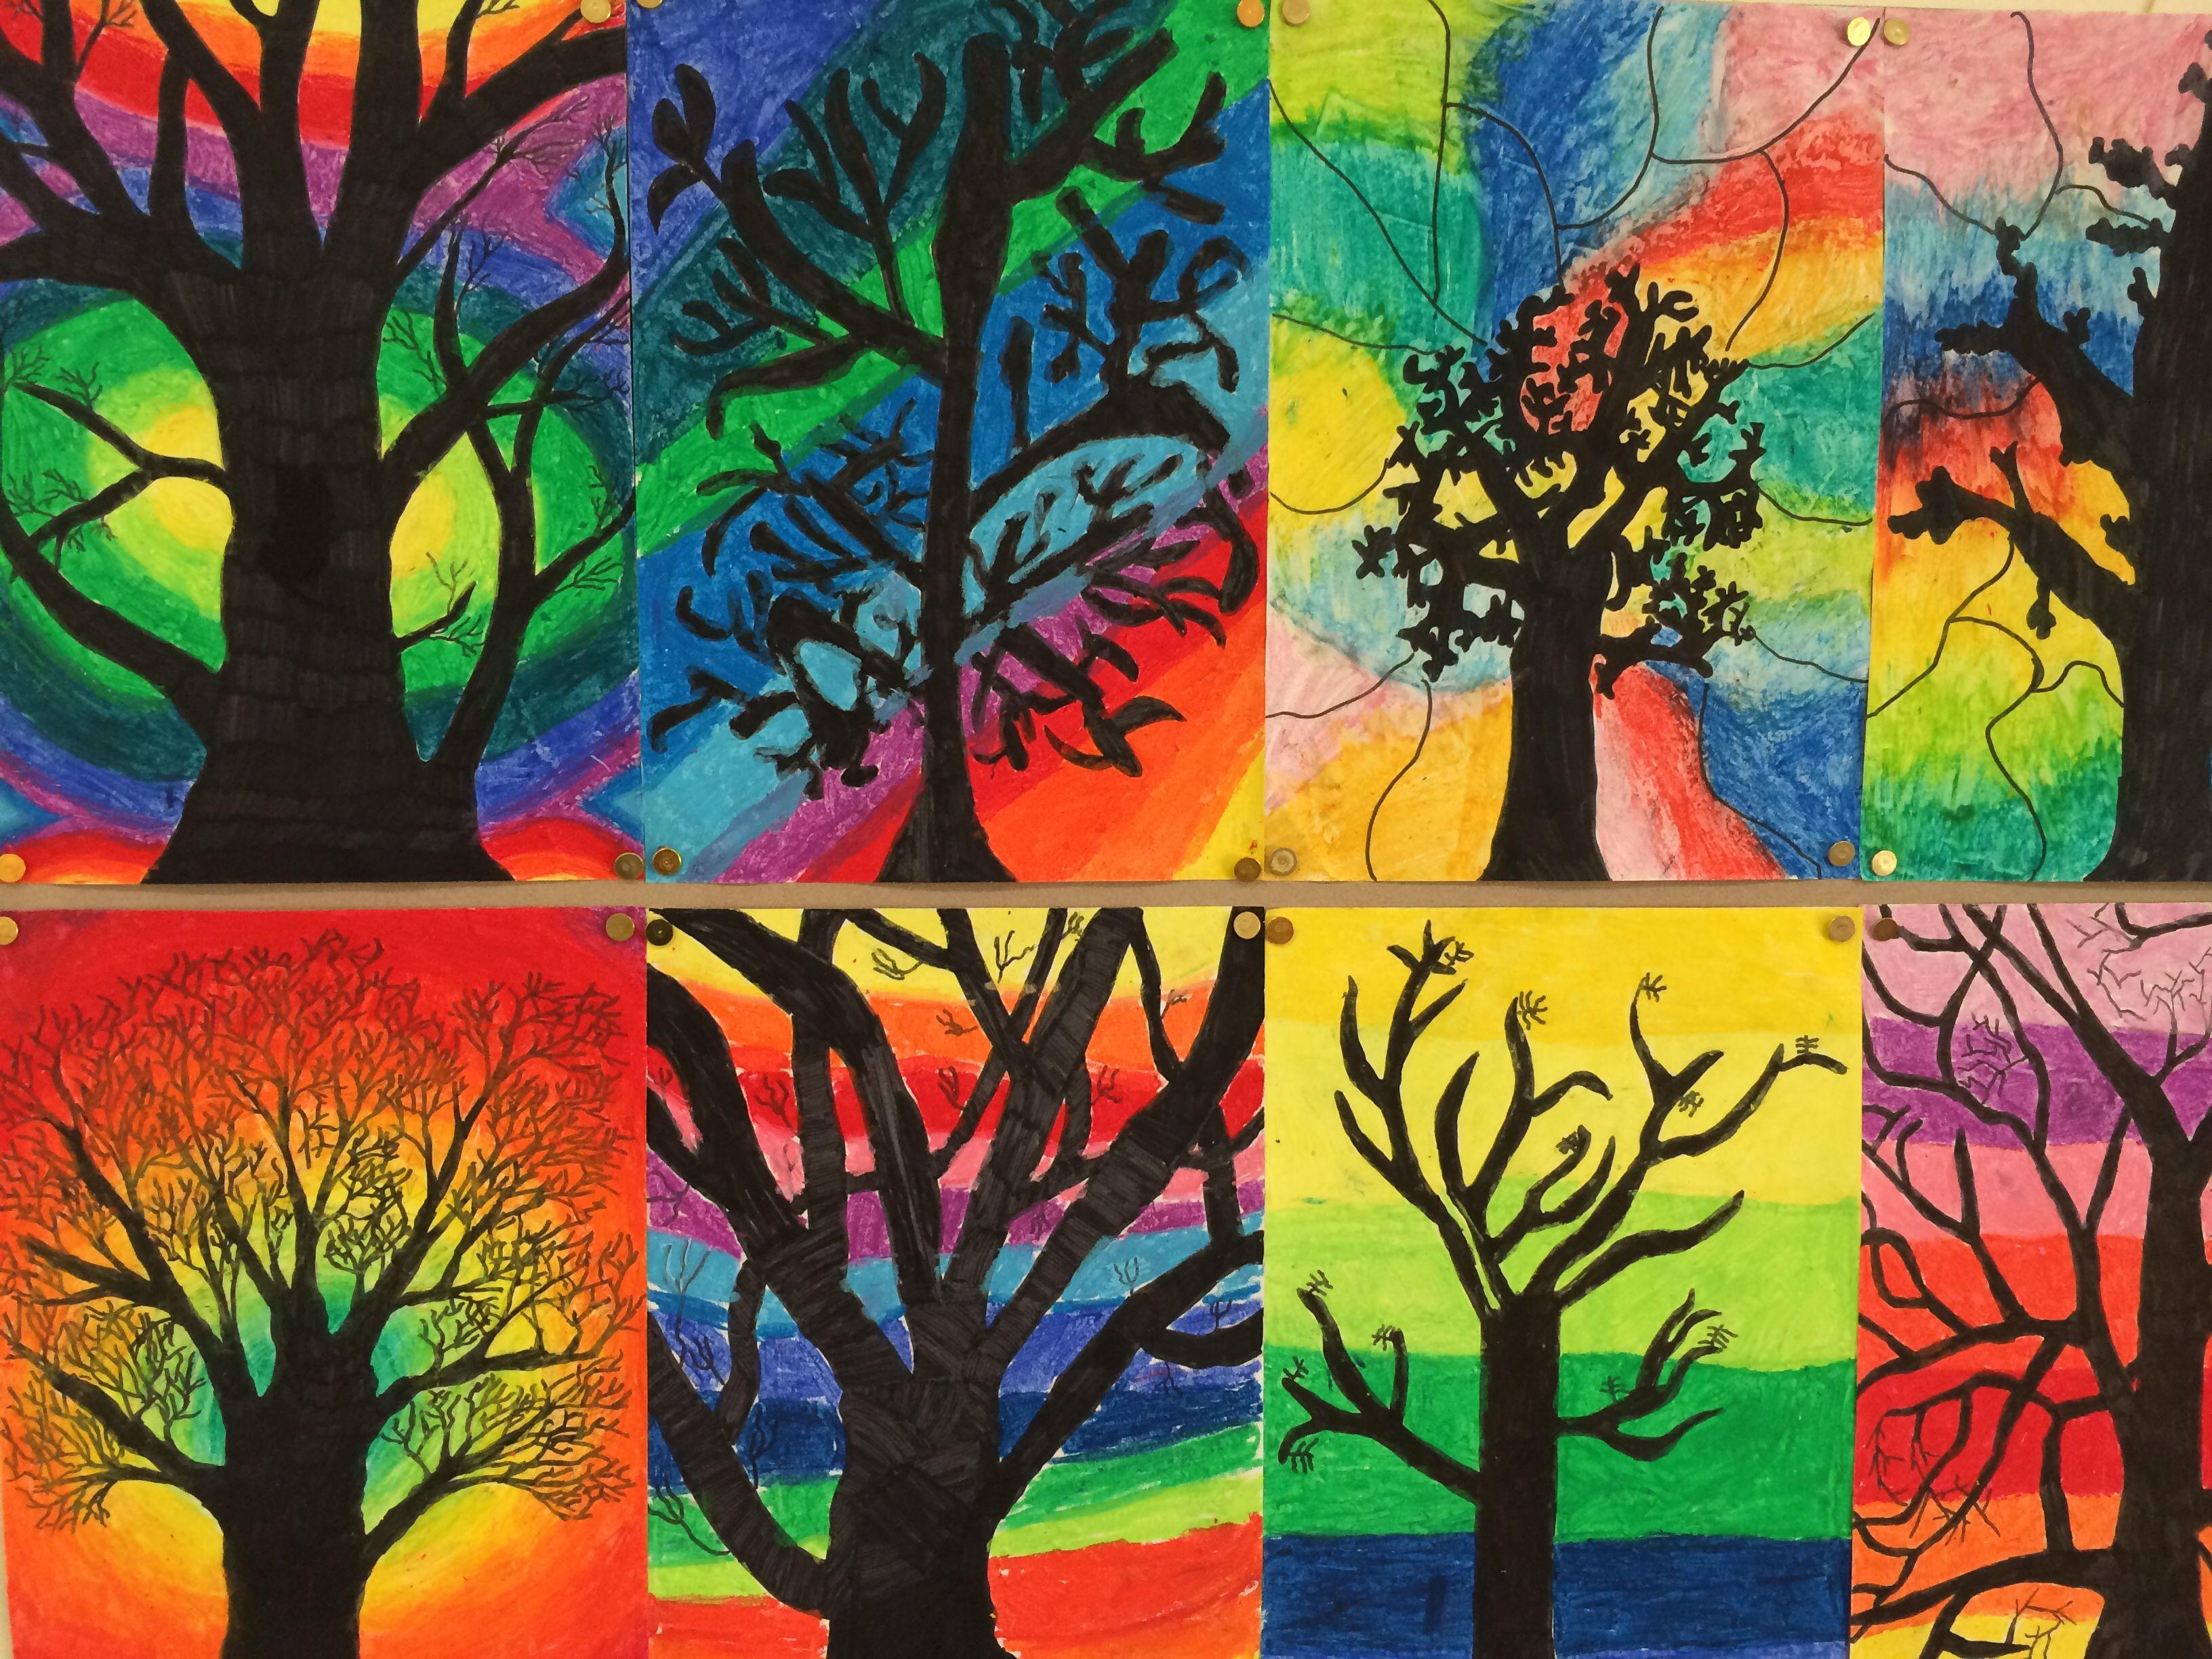 Bekend Herfstbomen met wasco en zwarte stift. Gemaakt door groep 8 van @RY19